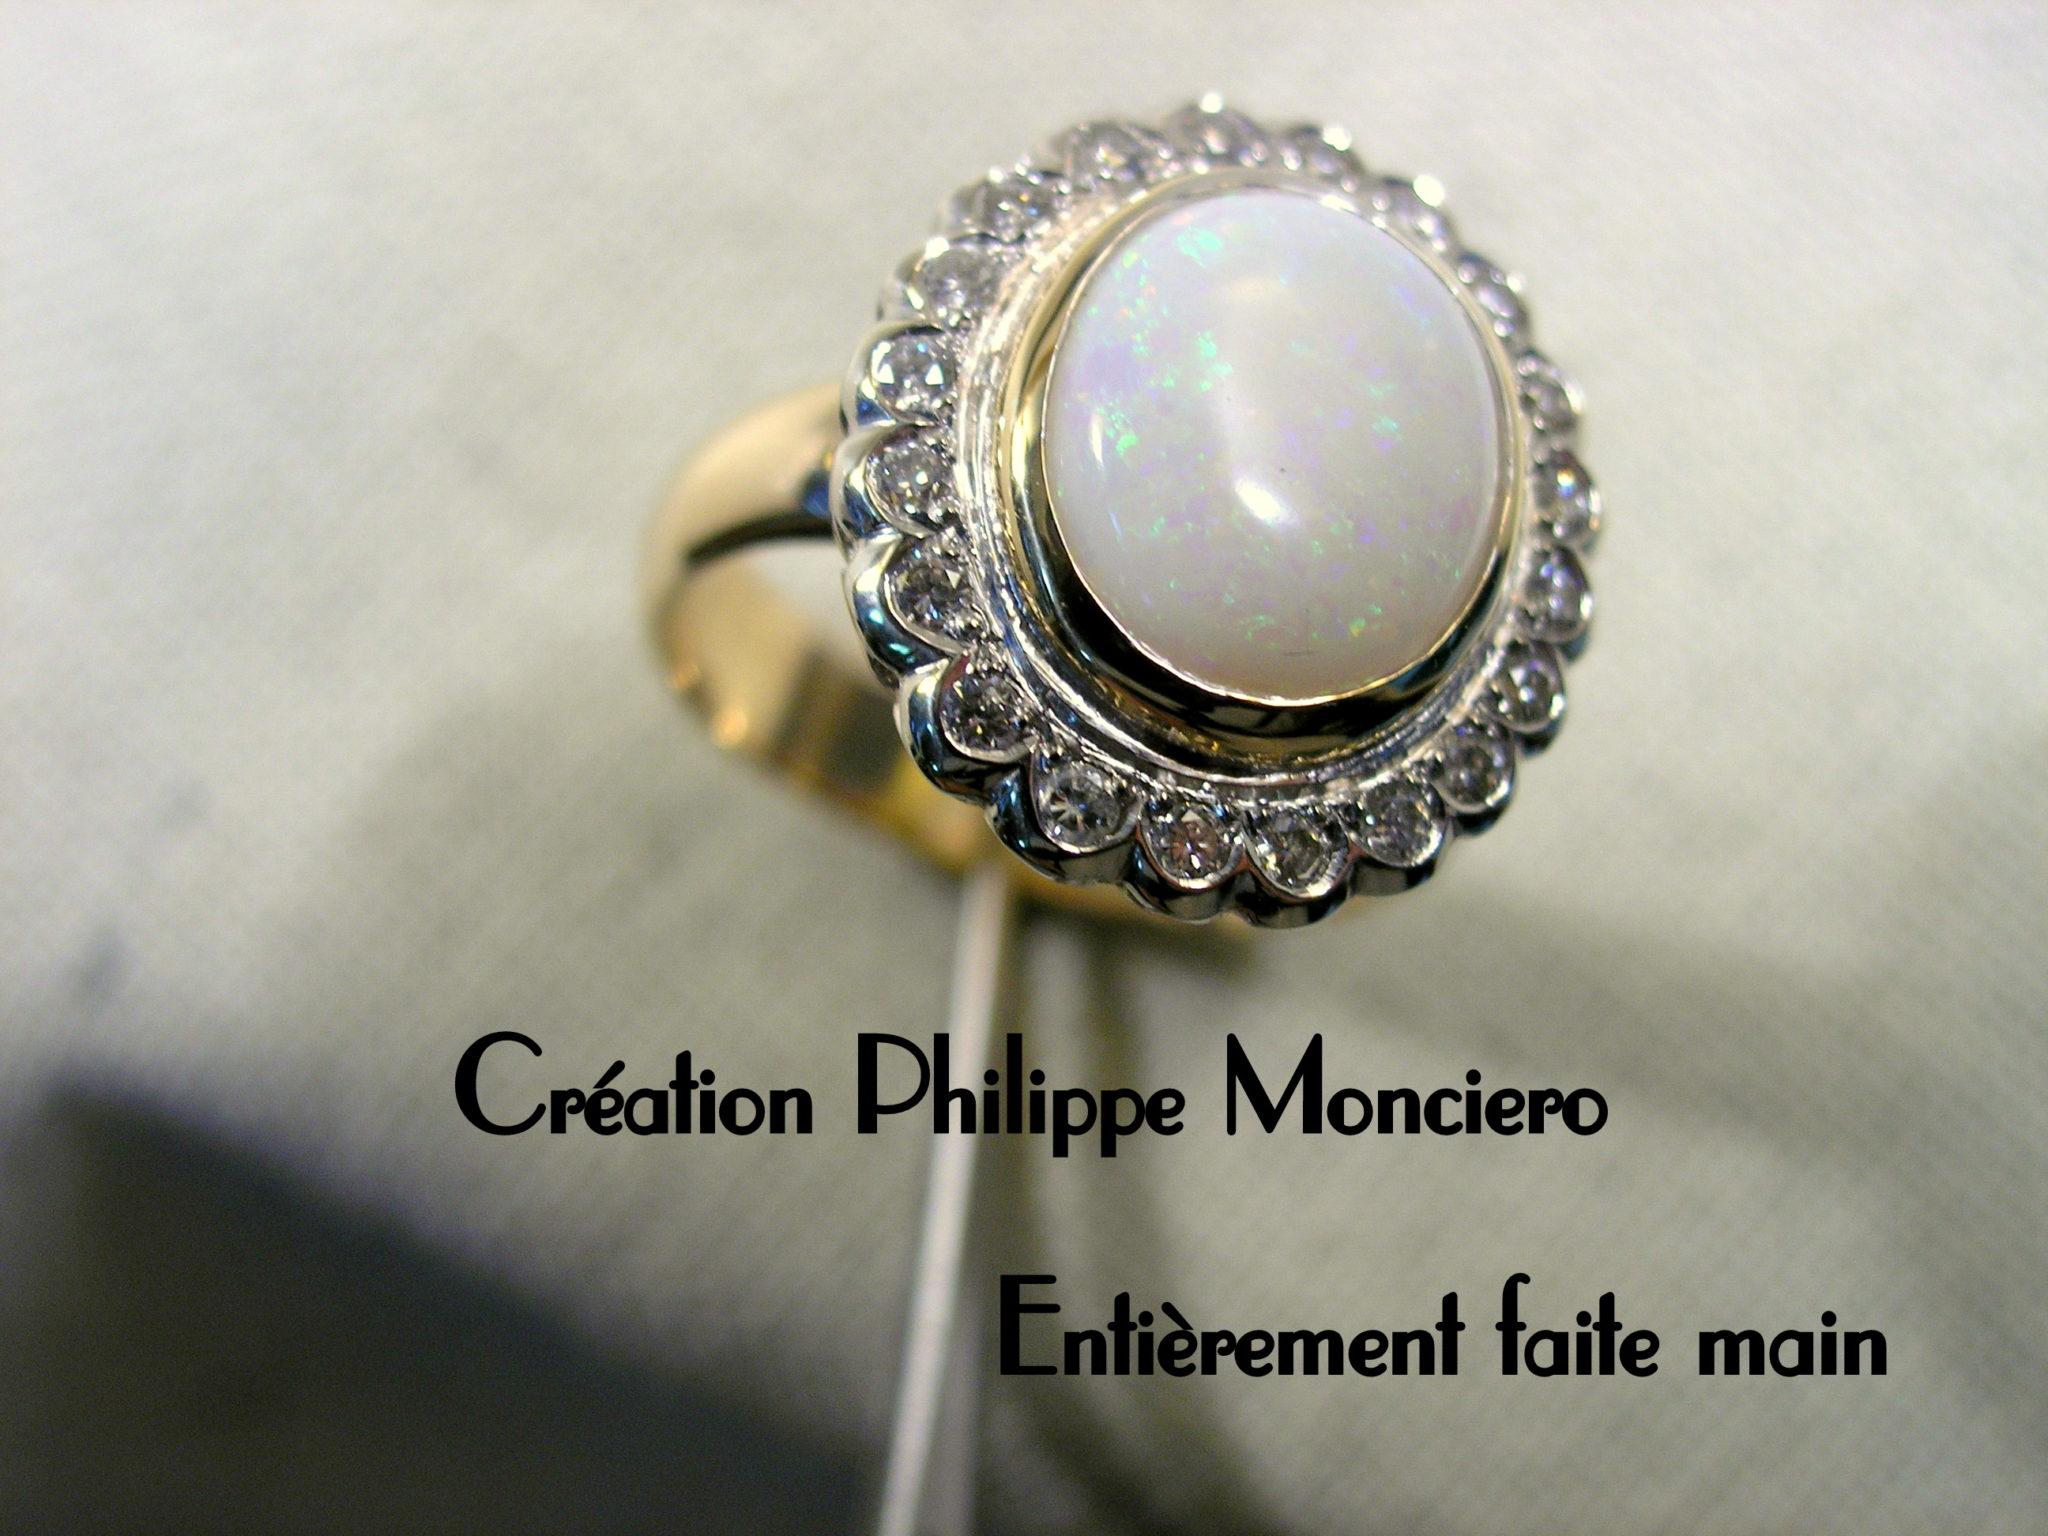 Bague festonée, opale et diamants. Monciero - Nîmes